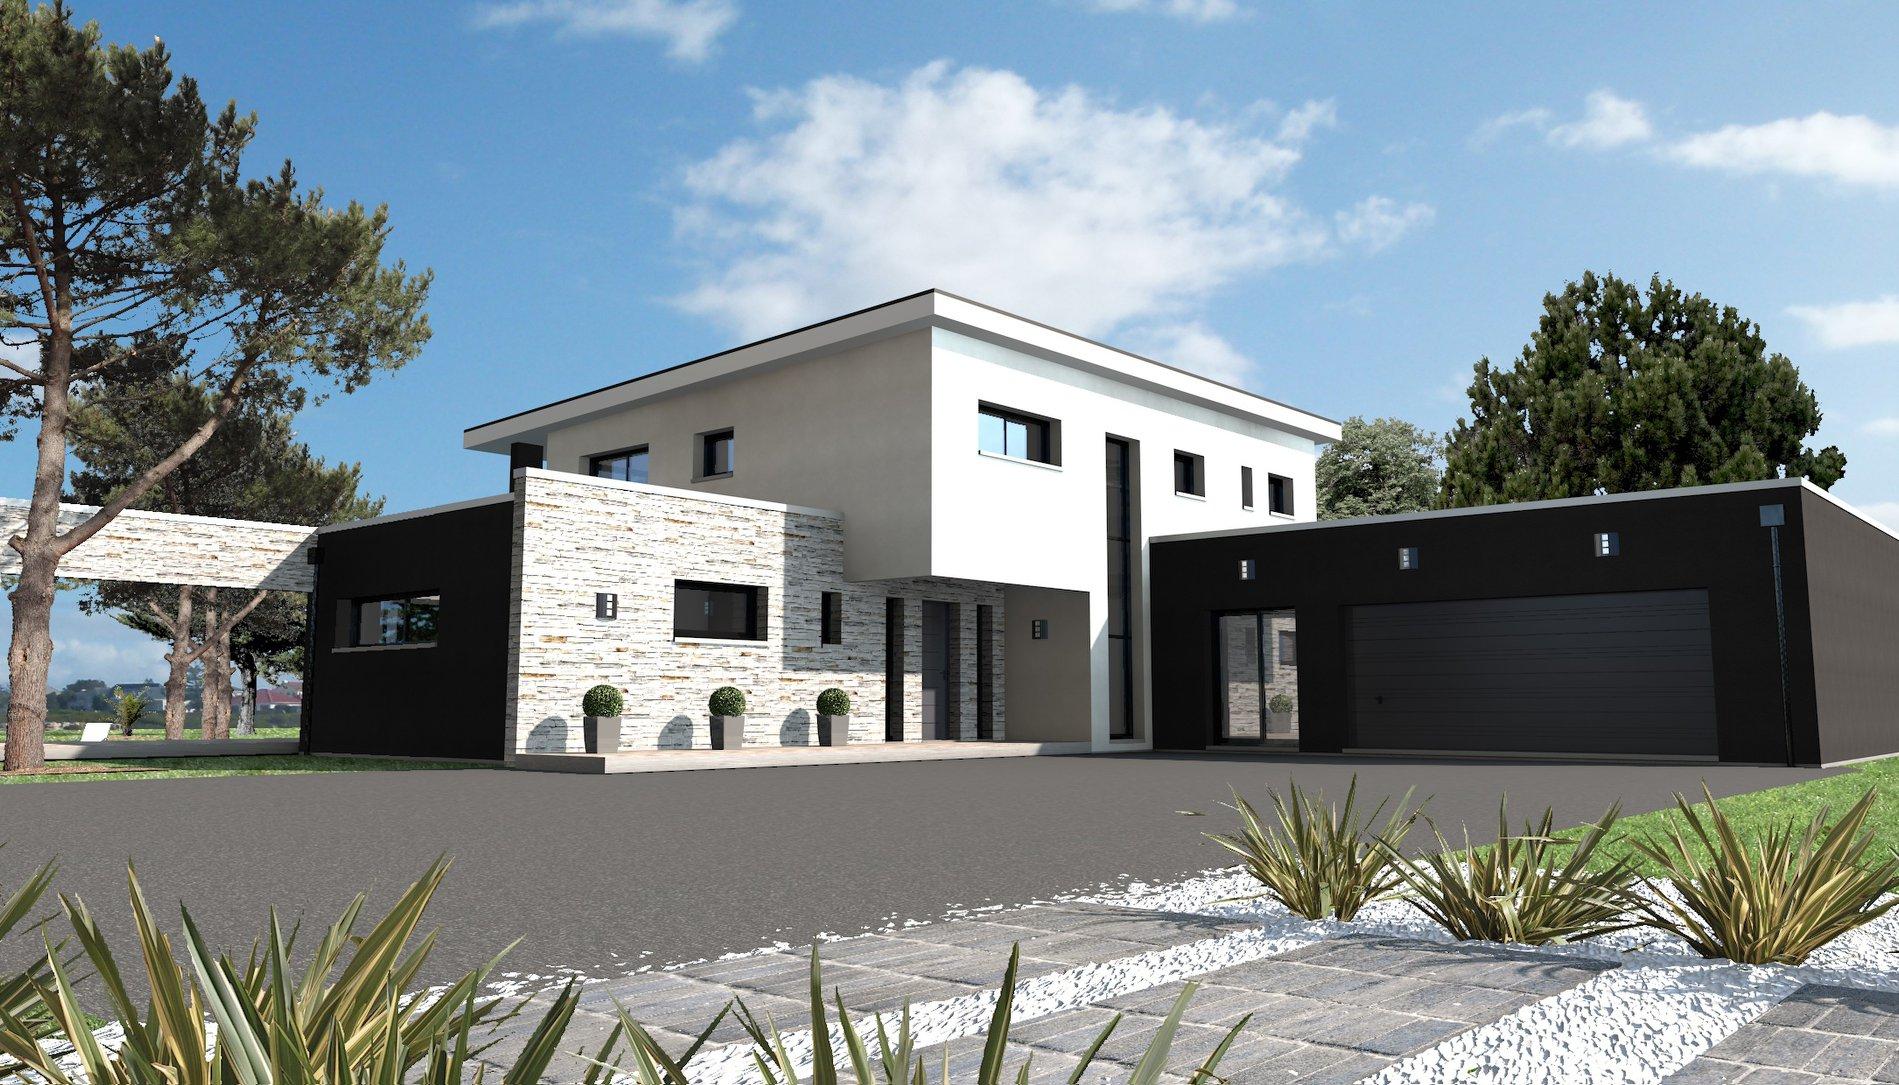 Entrée De Maison Avec Marche un porche d'entrée moderne & design - maison depreux